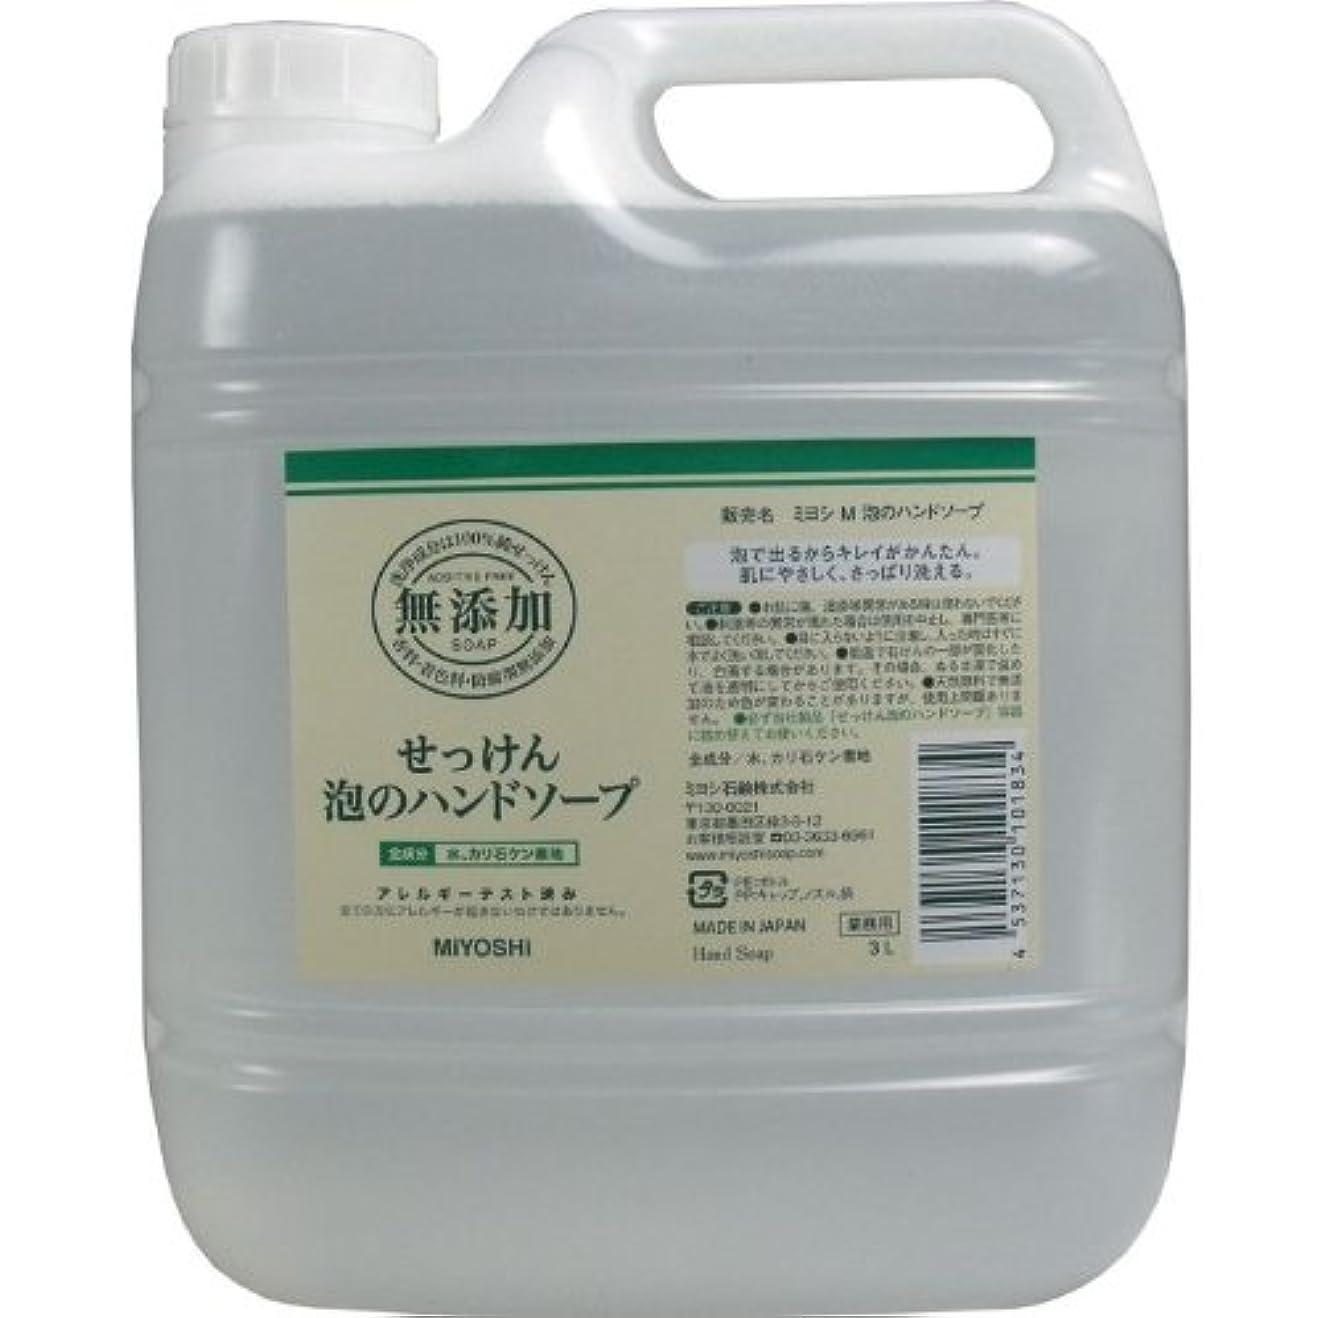 興奮する奨励同様に泡で出るからキレイが簡単!家事の間のサッと洗いも簡単!香料、着色料、防腐剤無添加!(業務用)3L【4個セット】